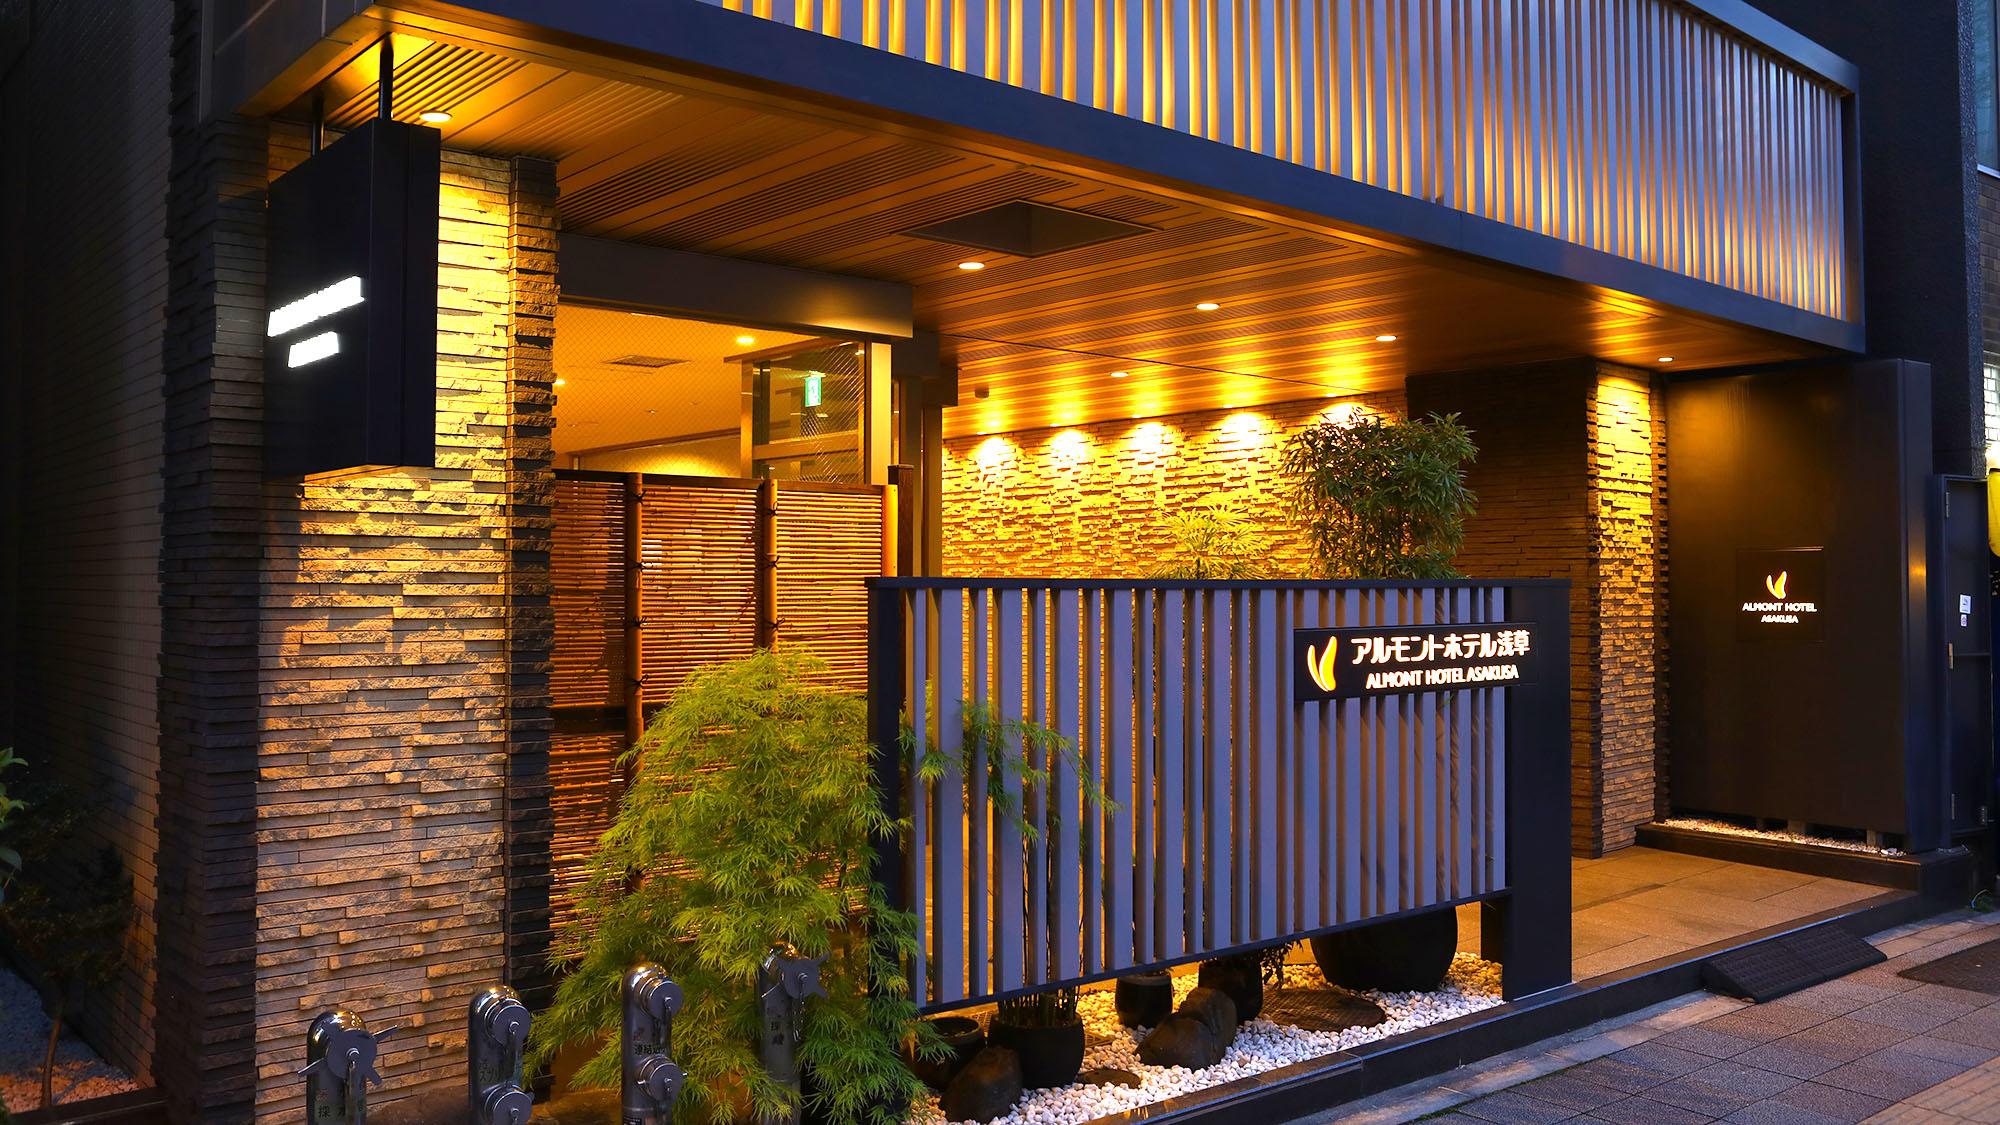 アルモントホテル浅草(旧:ホテル法華クラブ浅草) image